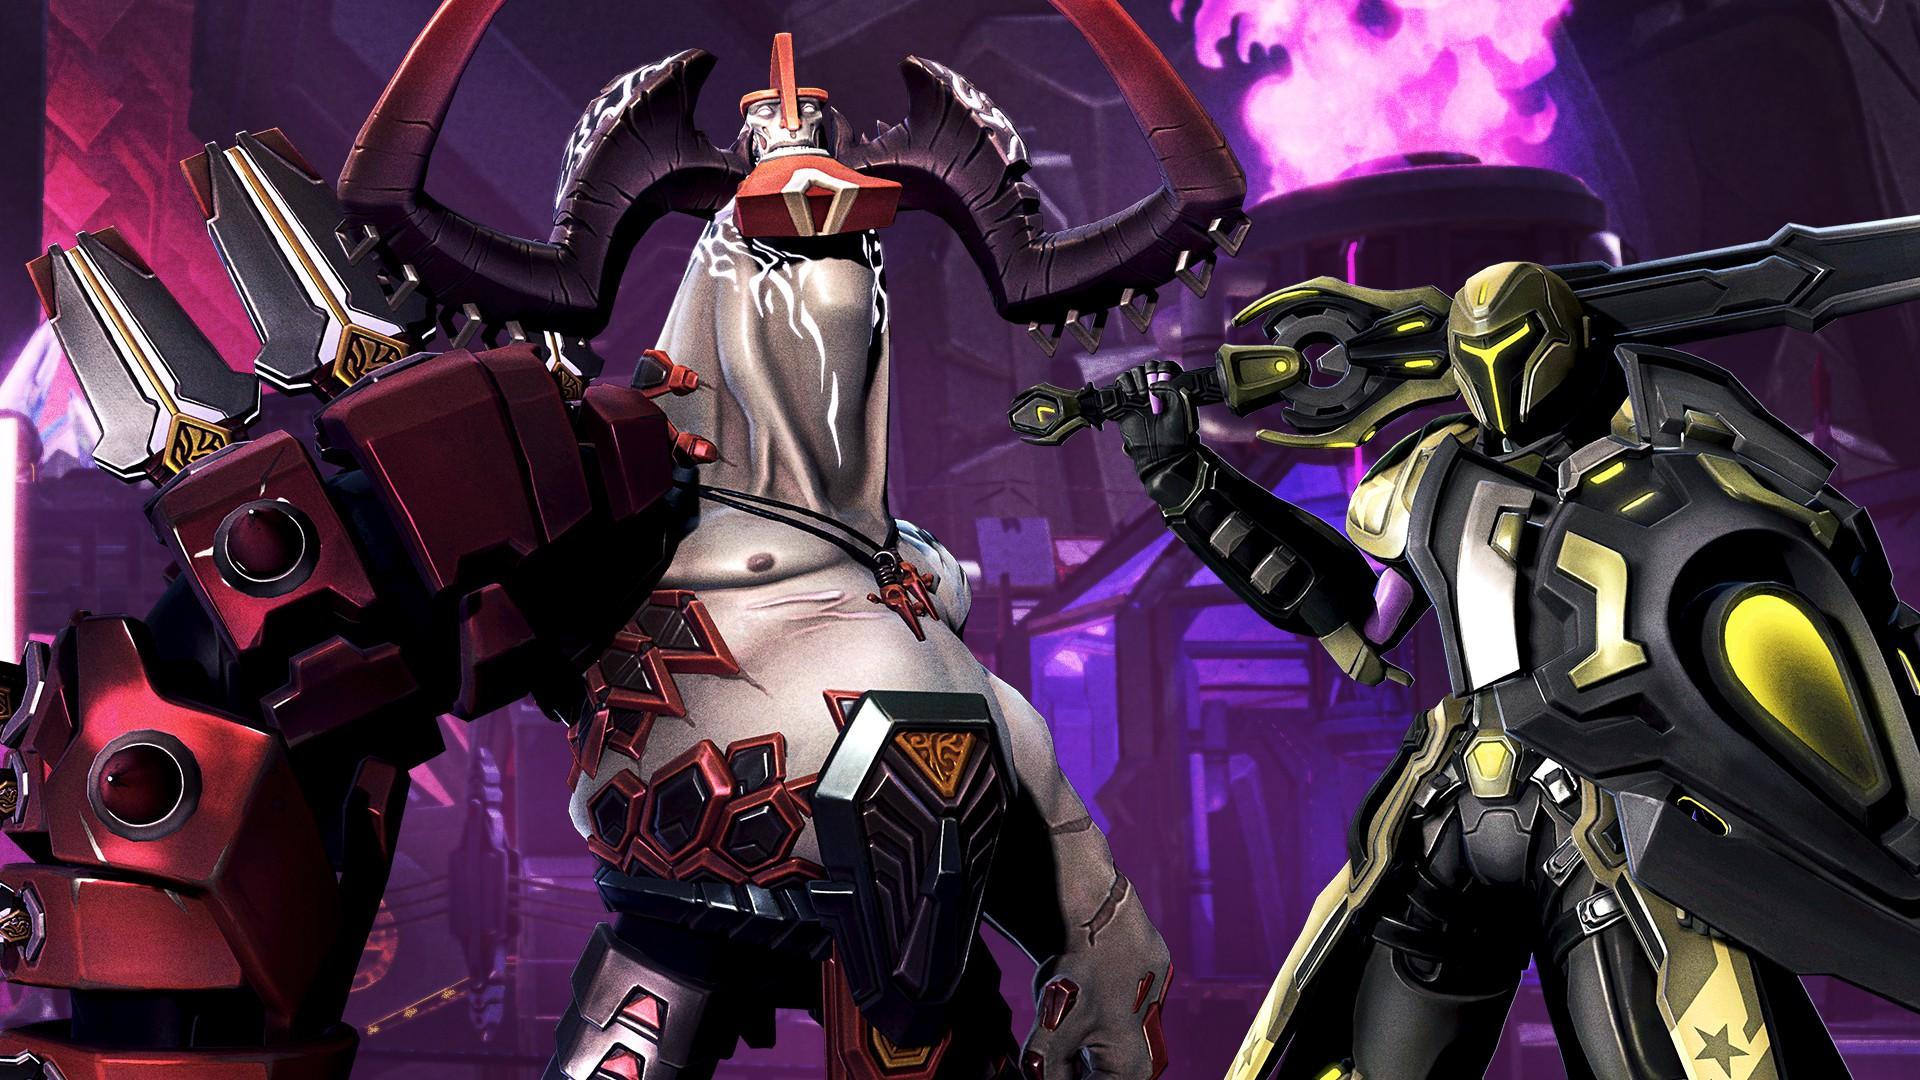 为战而生游戏截图欣赏 第一人称射击与RPG